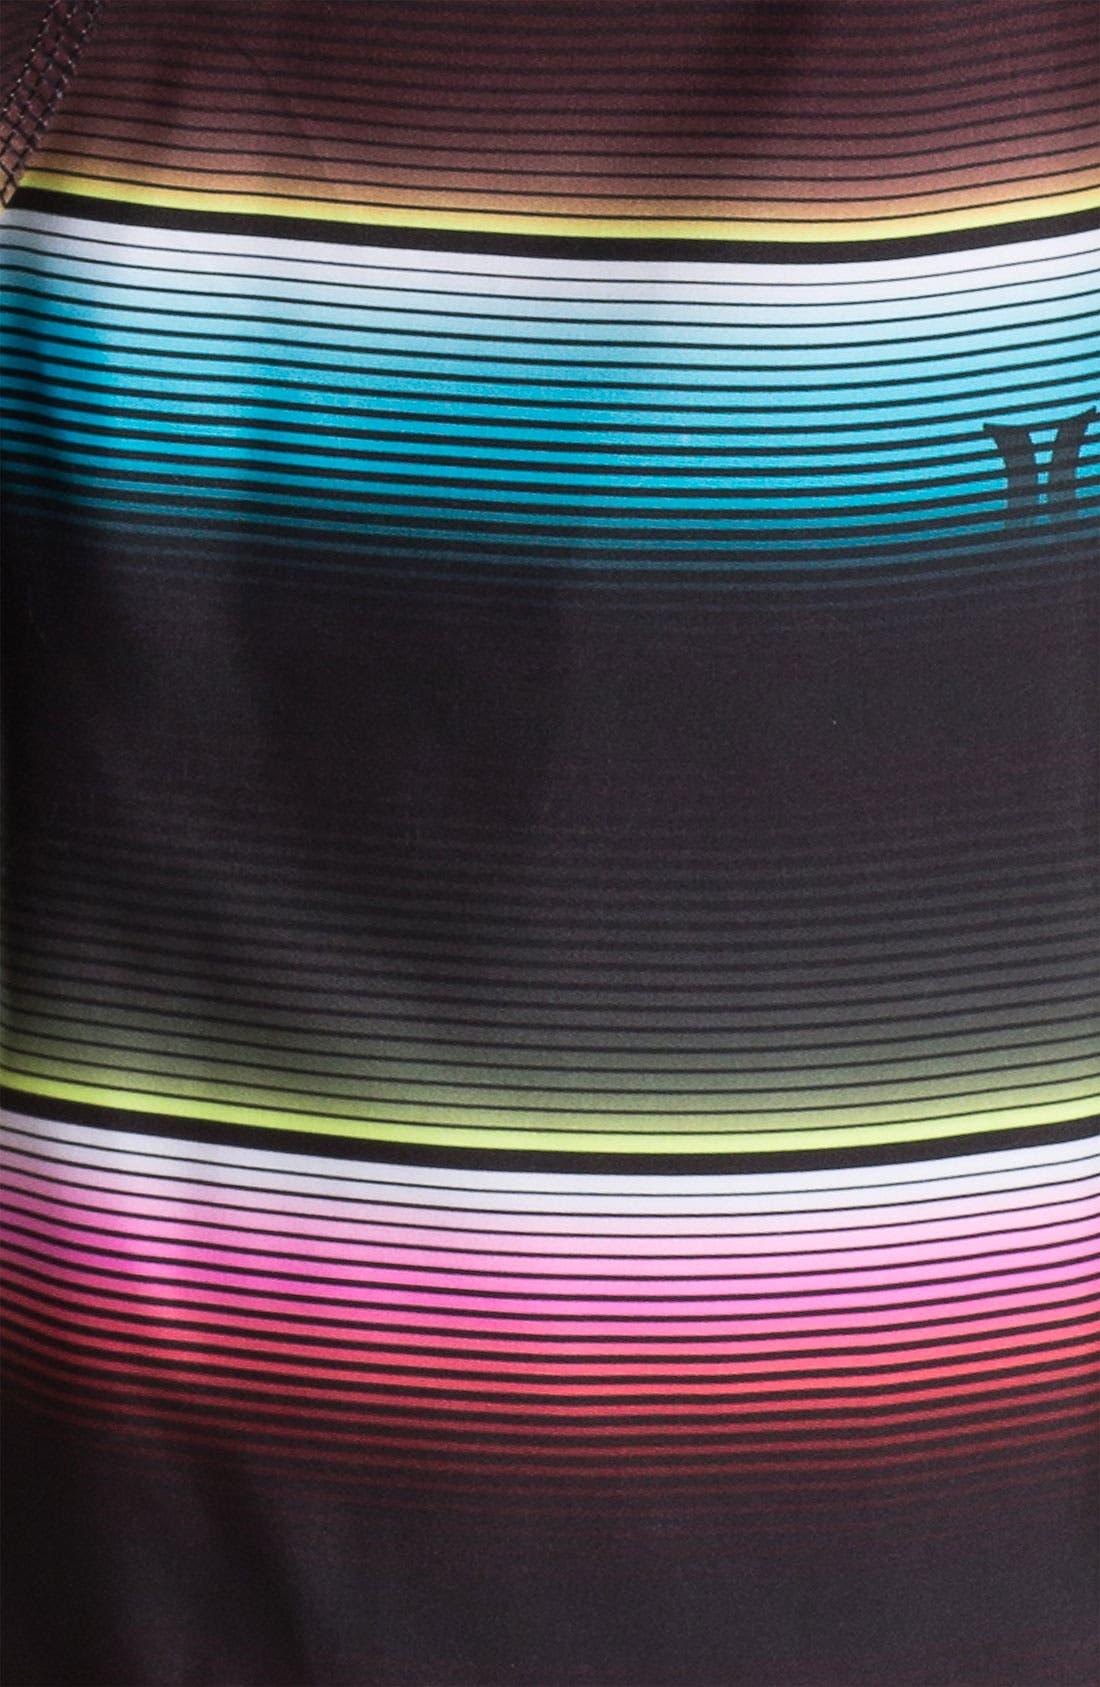 Alternate Image 3  - Hurley 'Amigo' Board Shorts